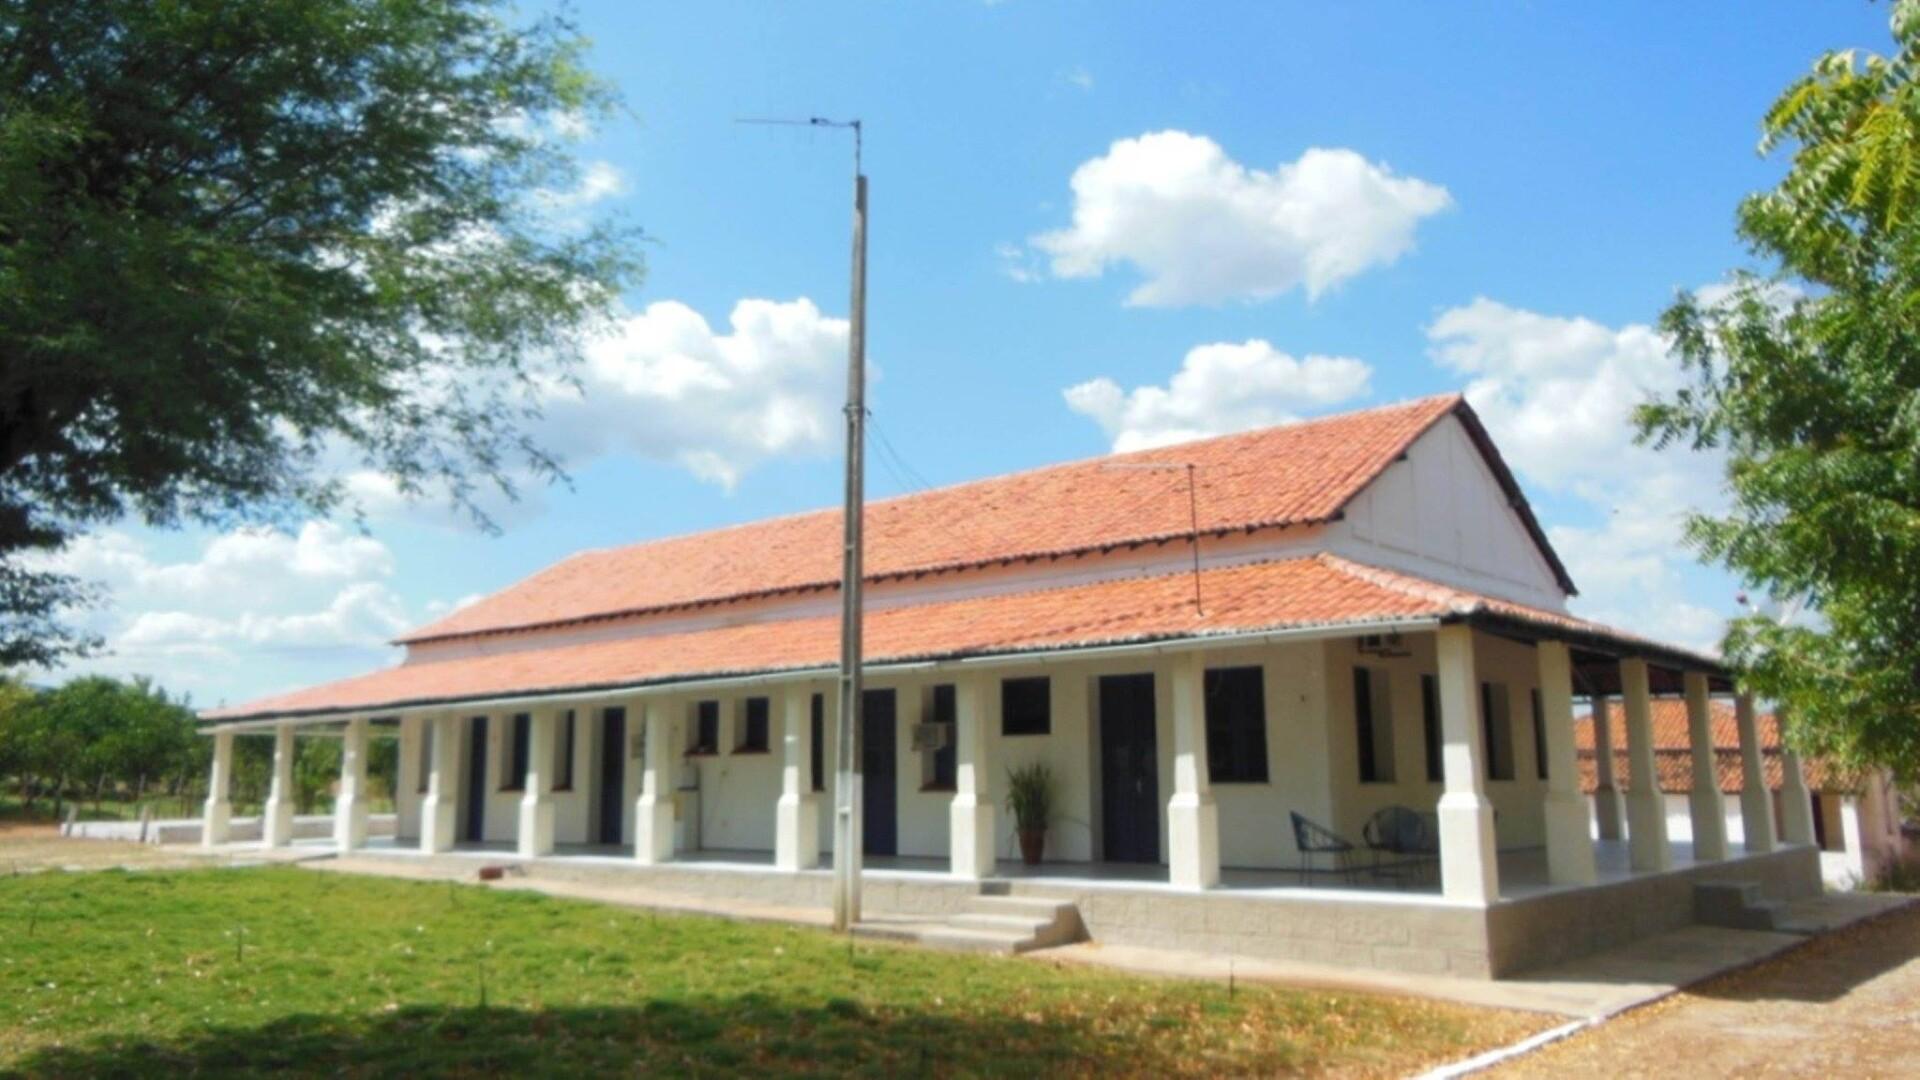 Fazenda Normal transformada em Centro de Convivência Regional  #1771B4 1920 1080